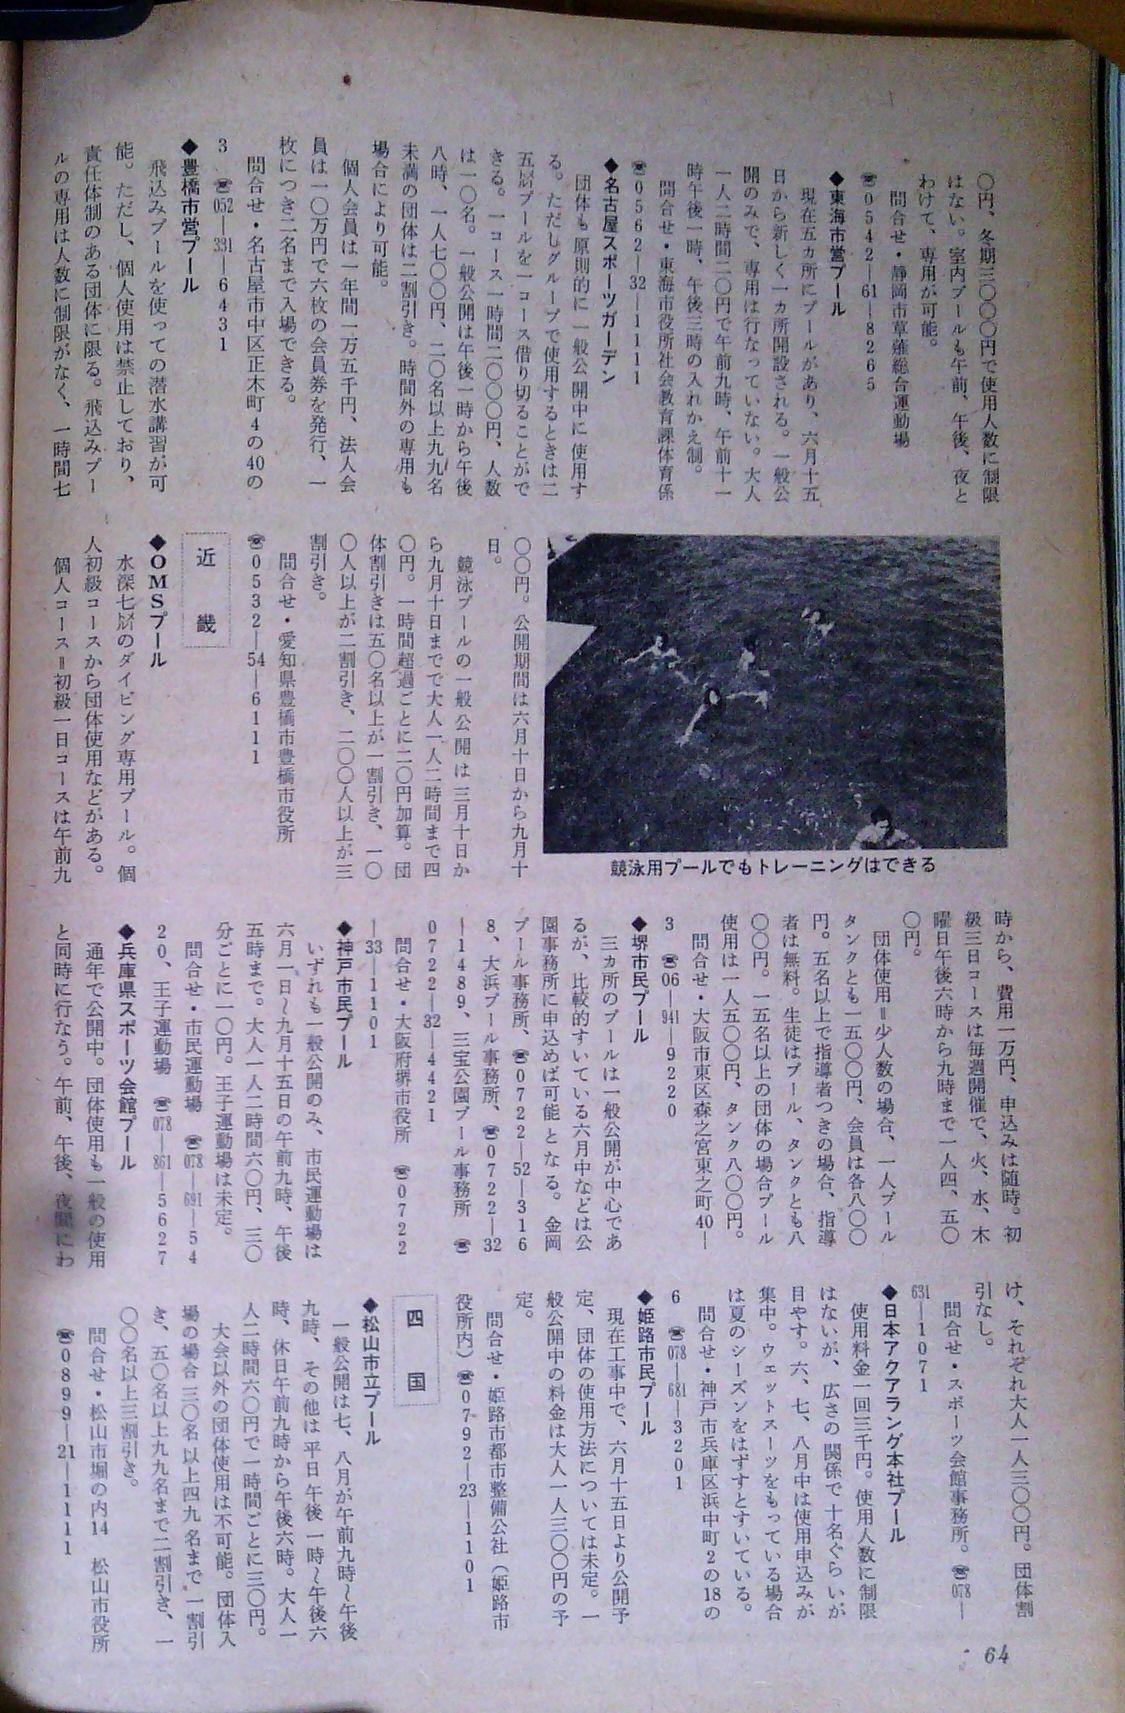 0513 ダイビングの歴史 70 海の世界 1974年 5月_b0075059_13323206.jpg